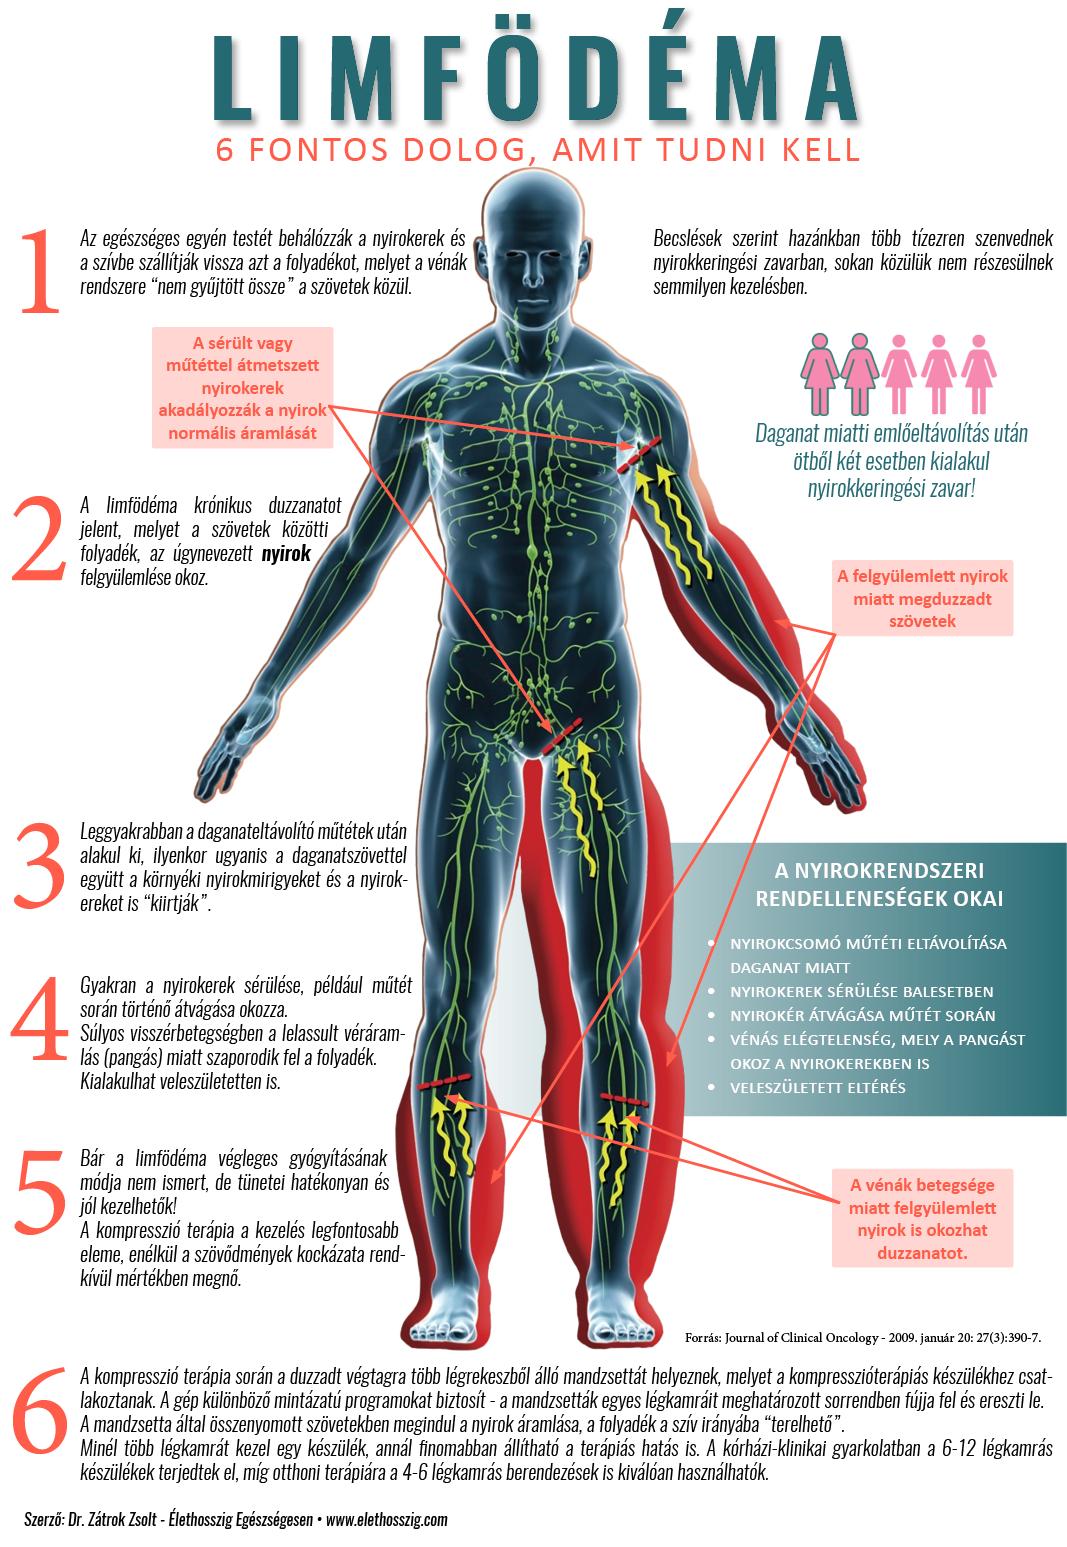 12 biztos jele annak, hogy parazita van a testedben   katerinavendeghaz.hu